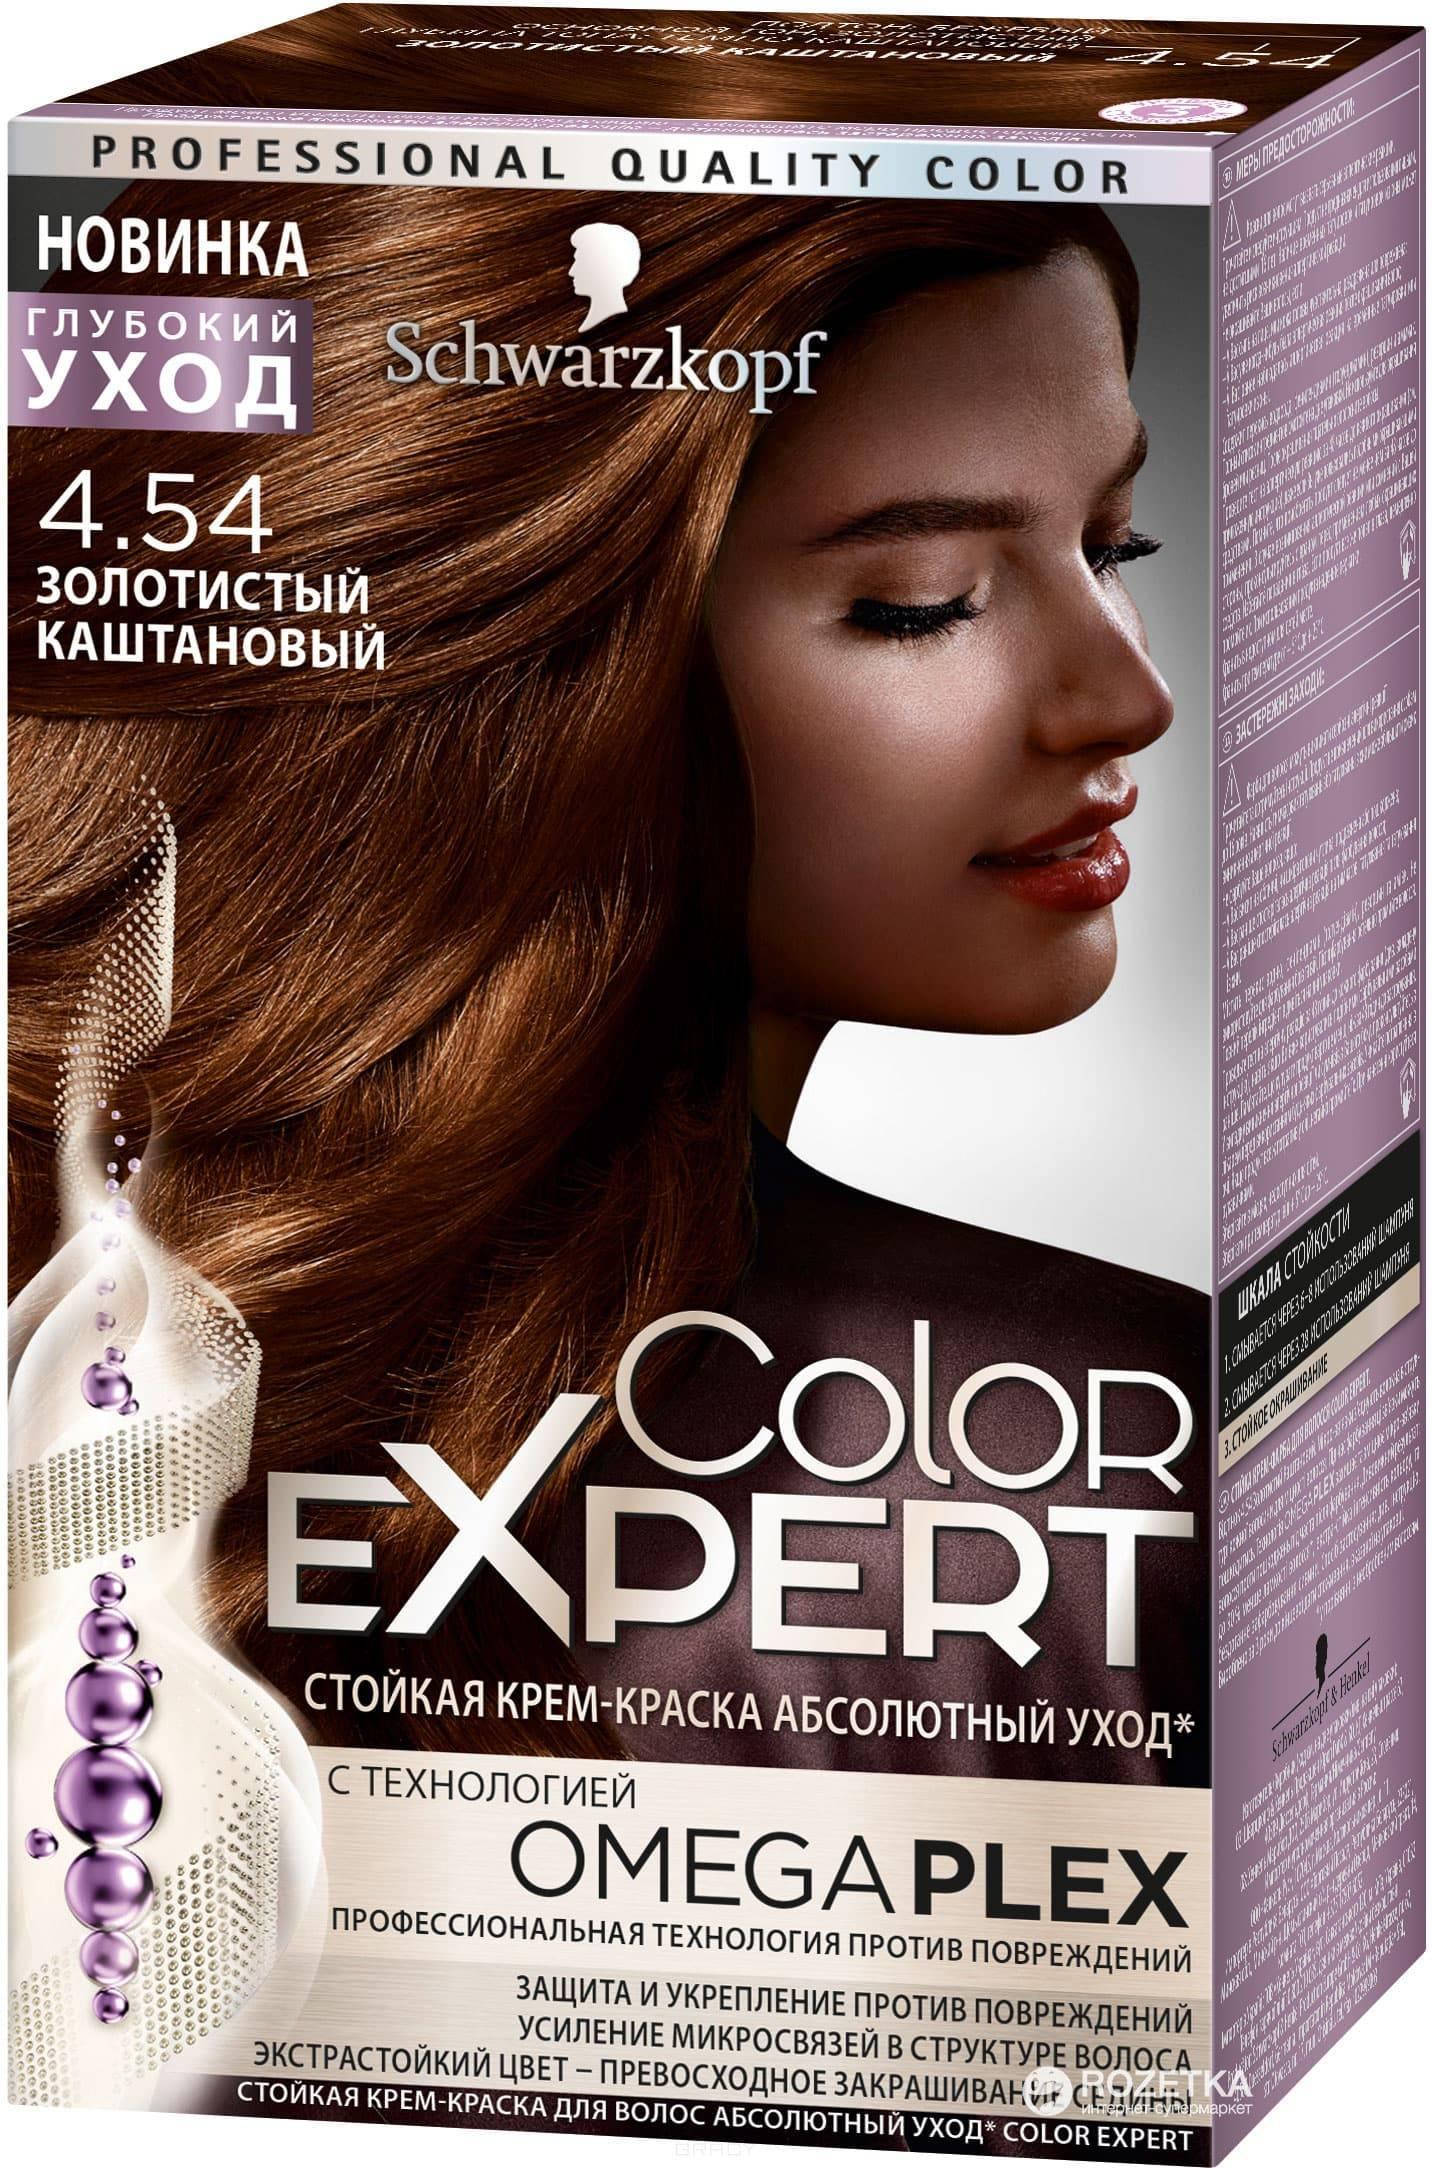 Schwarzkopf Professional, Краска для волос Color Expert (22 оттенков) 4.54 Золотистый каштановый schwarzkopf professional краска для волос color expert 22 оттенков 3 0 черно каштановый 1 шт